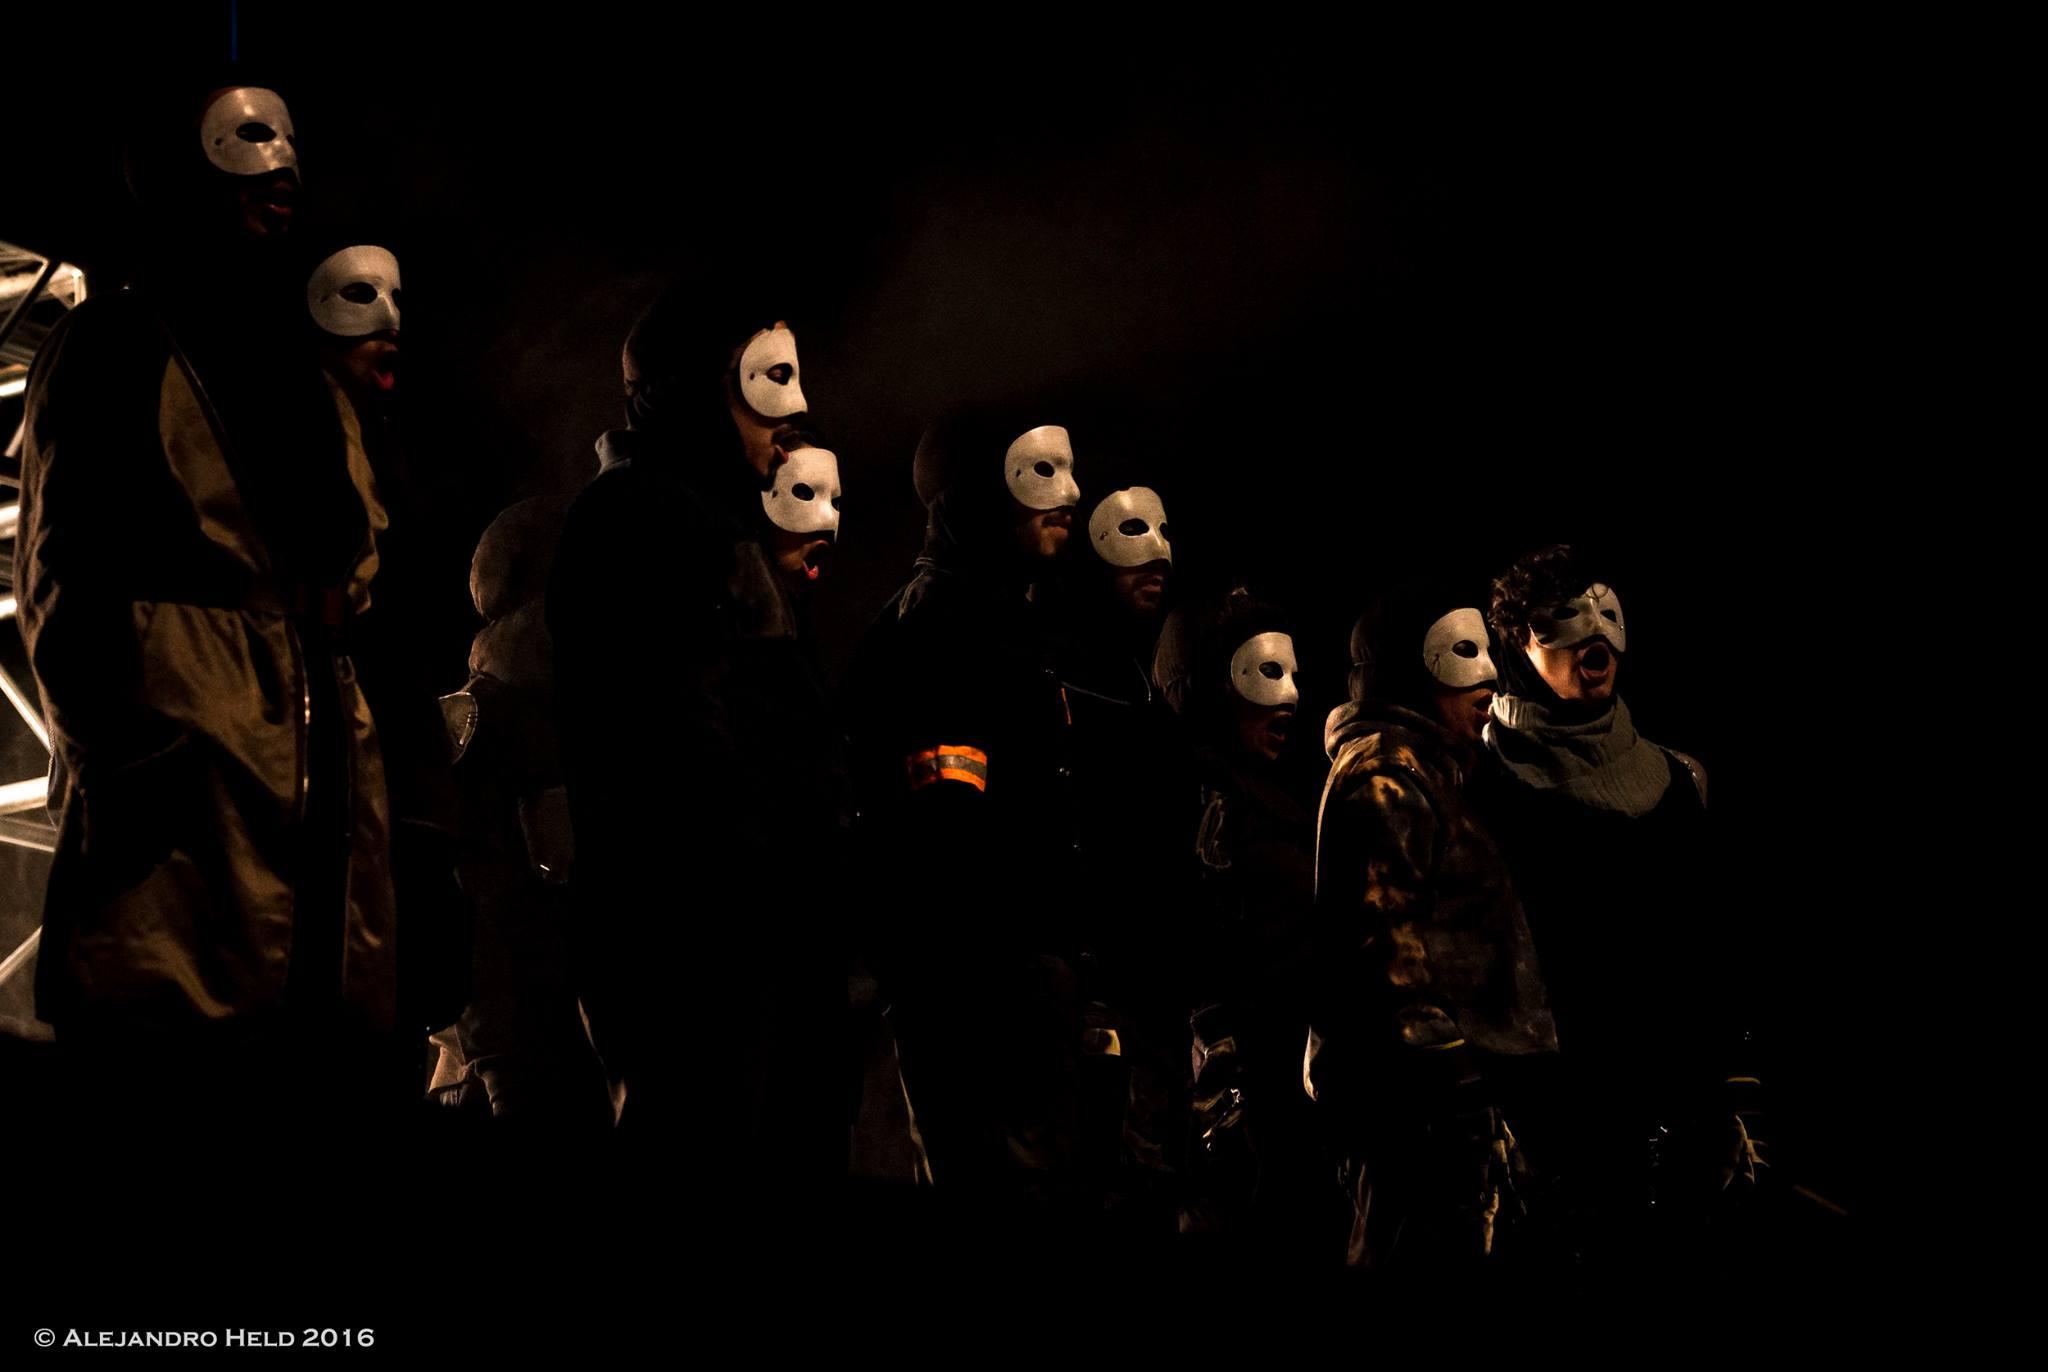 Coro de espíritus (Coro NuevoMundo) foto Alejandro Held